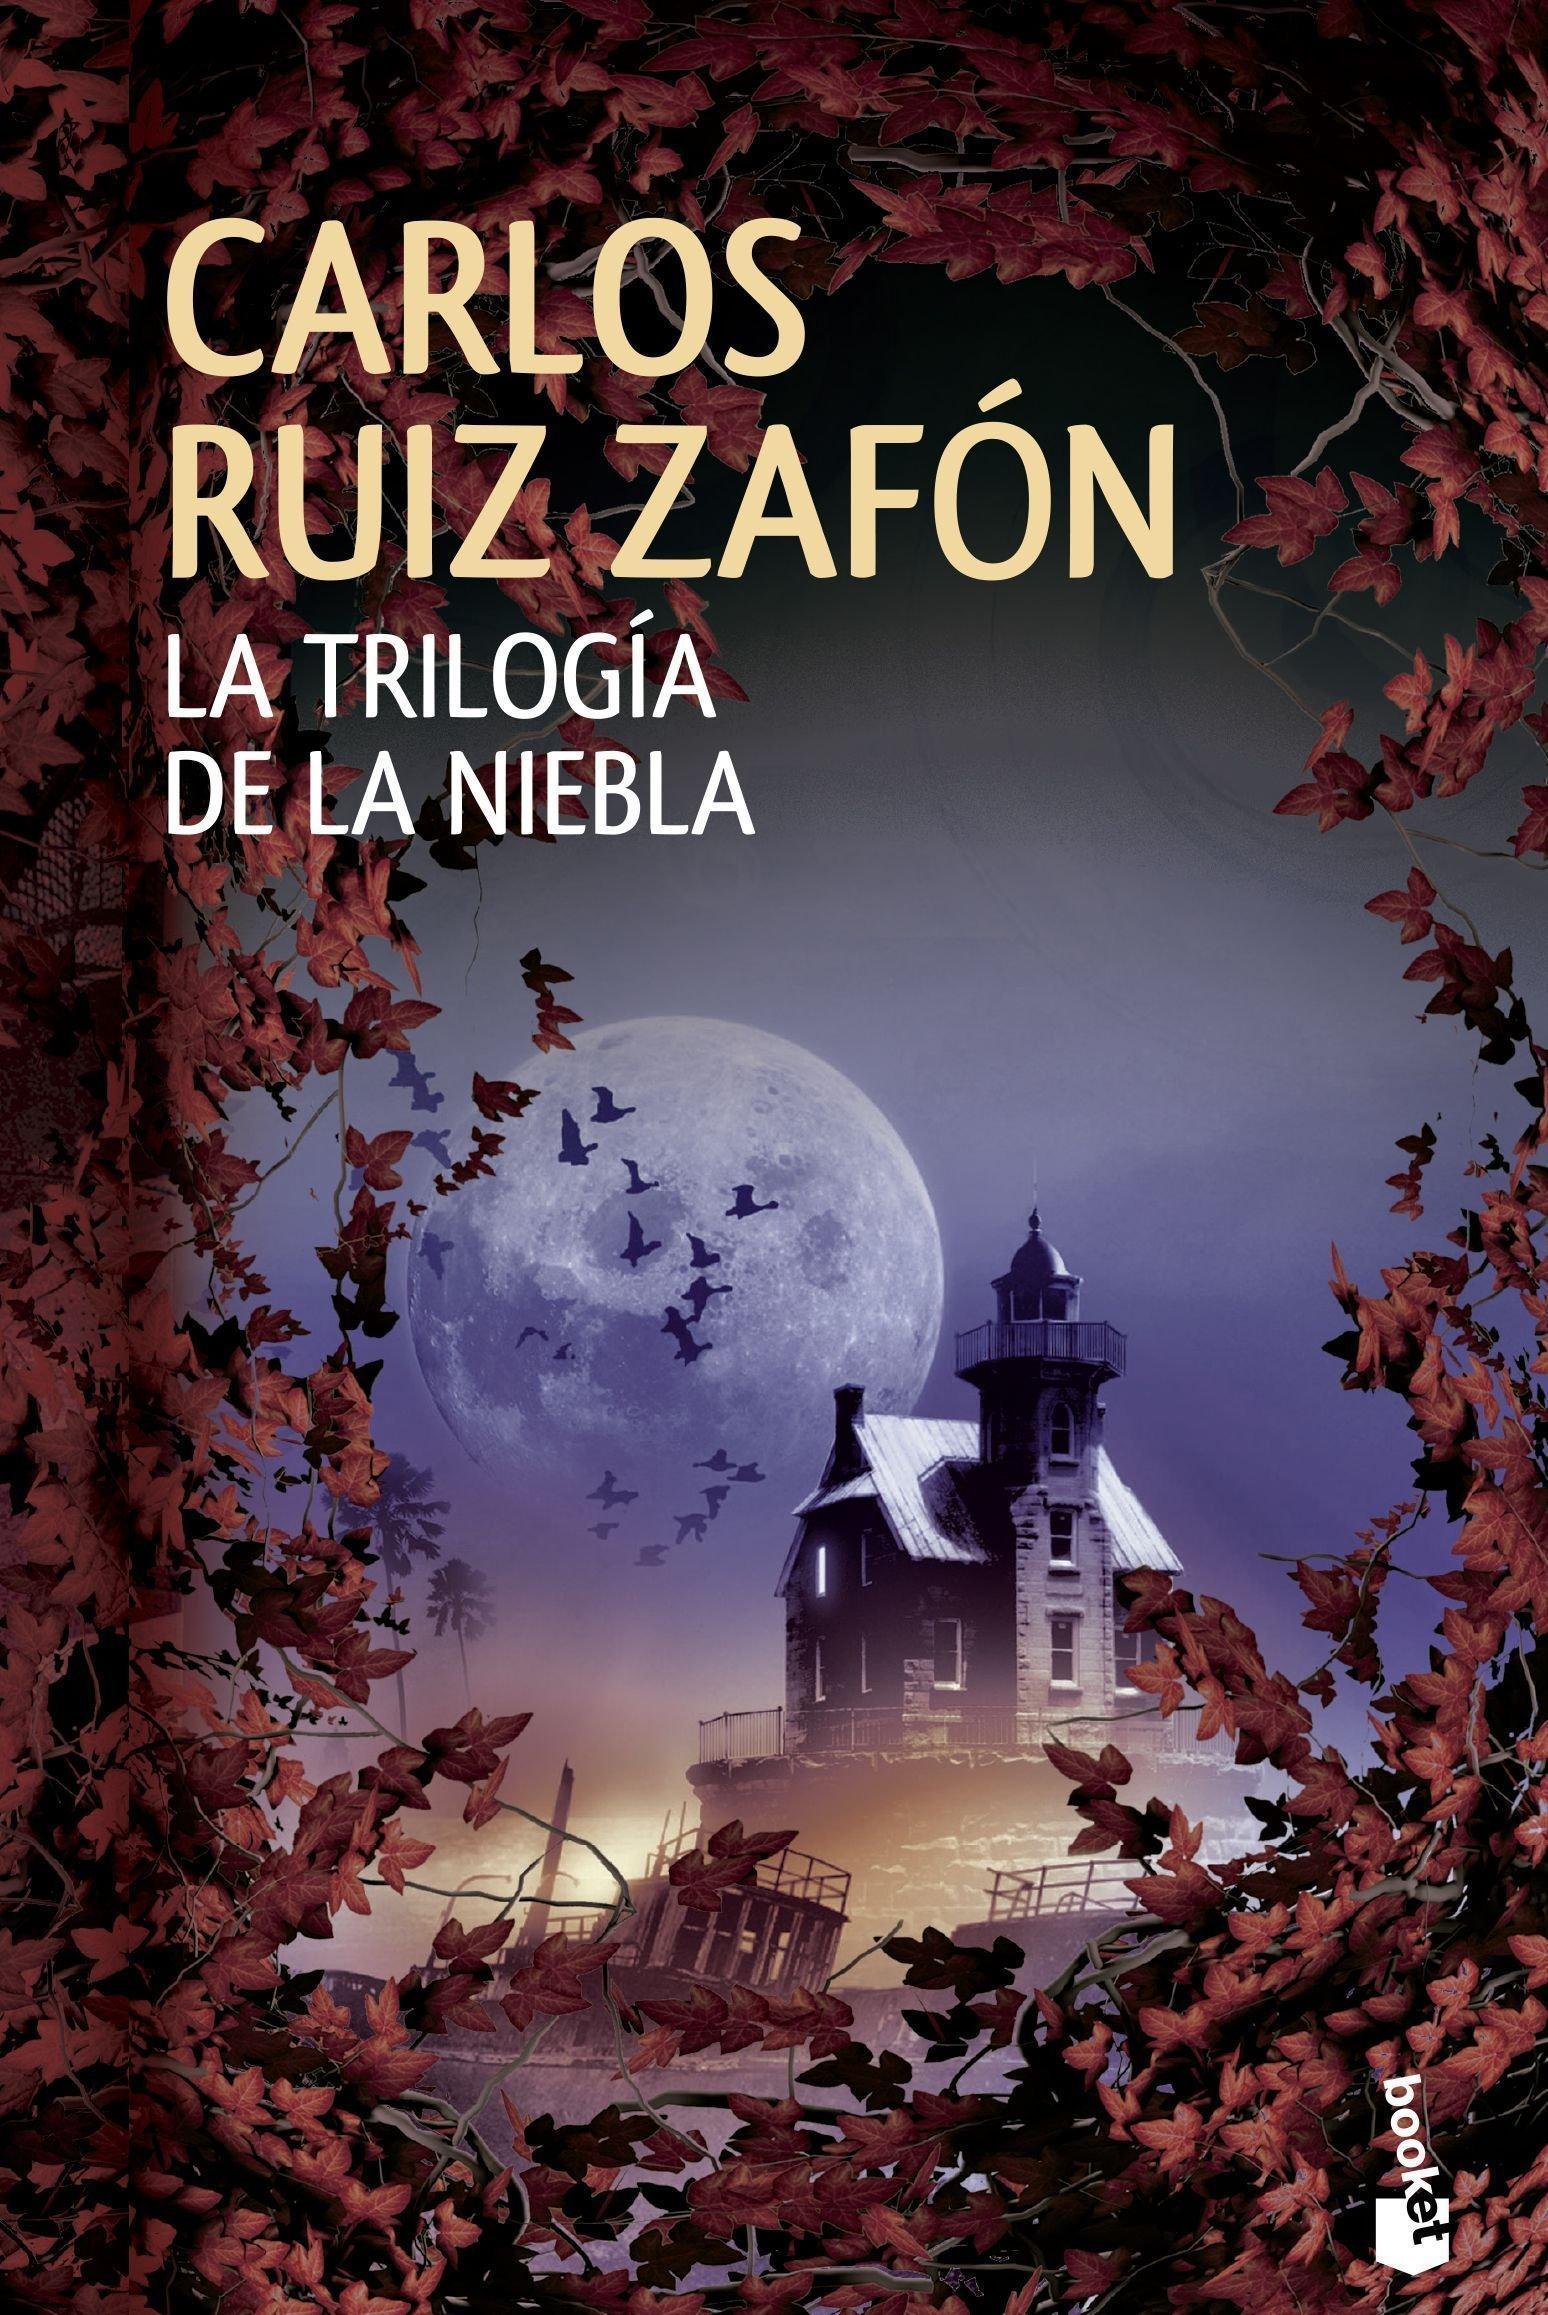 La Trilogía De La Niebla Navidad 2014 Spanish Edition Ruiz Zafón Carlos 9788408133148 Books